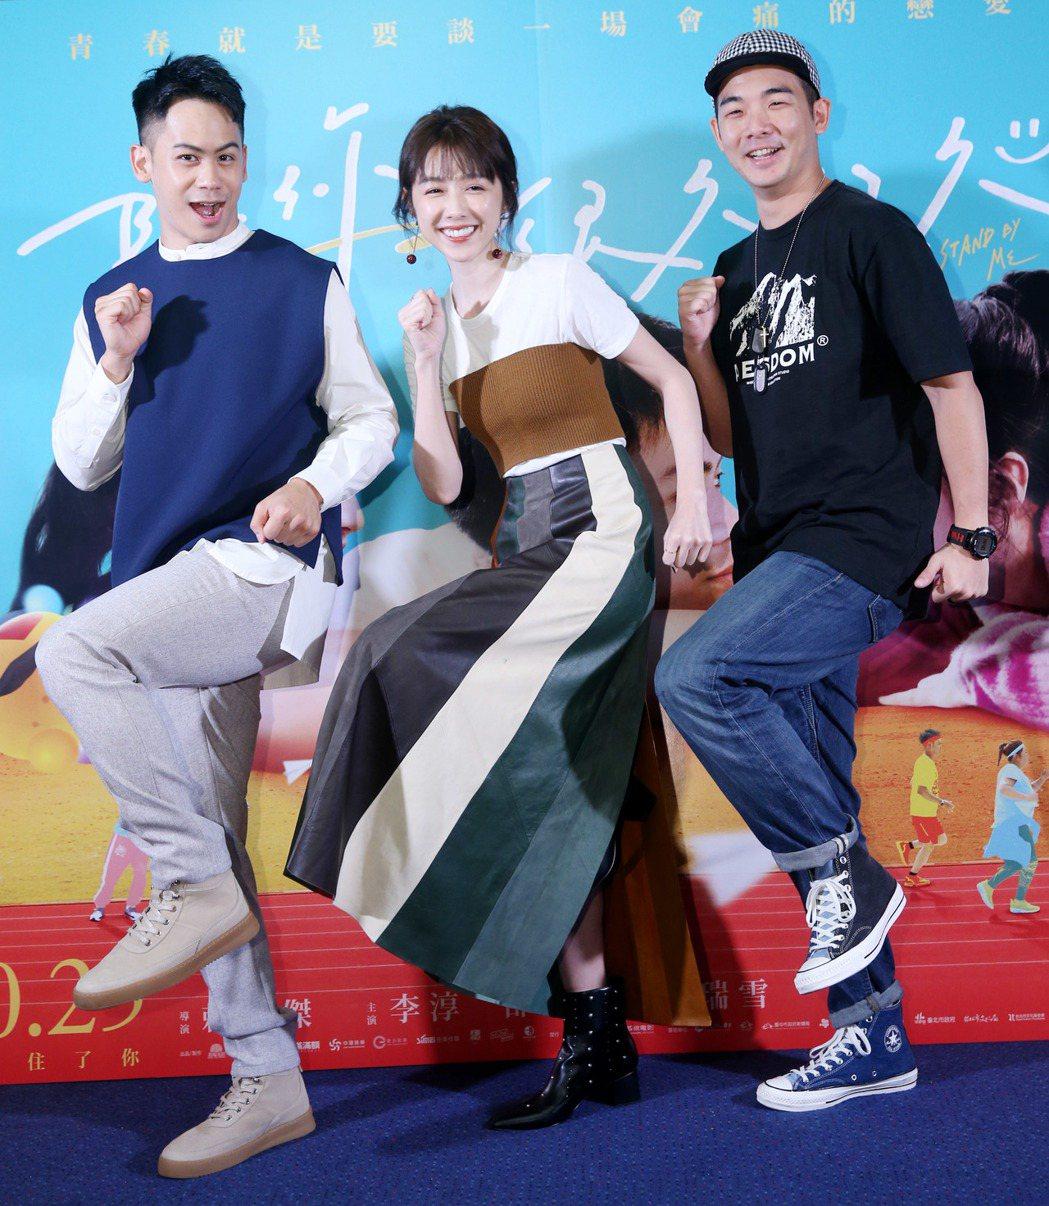 電影《陪你很久很久》舉行媒體試片活動,電影結束後,主要演員李淳(左起)、邵雨薇、...